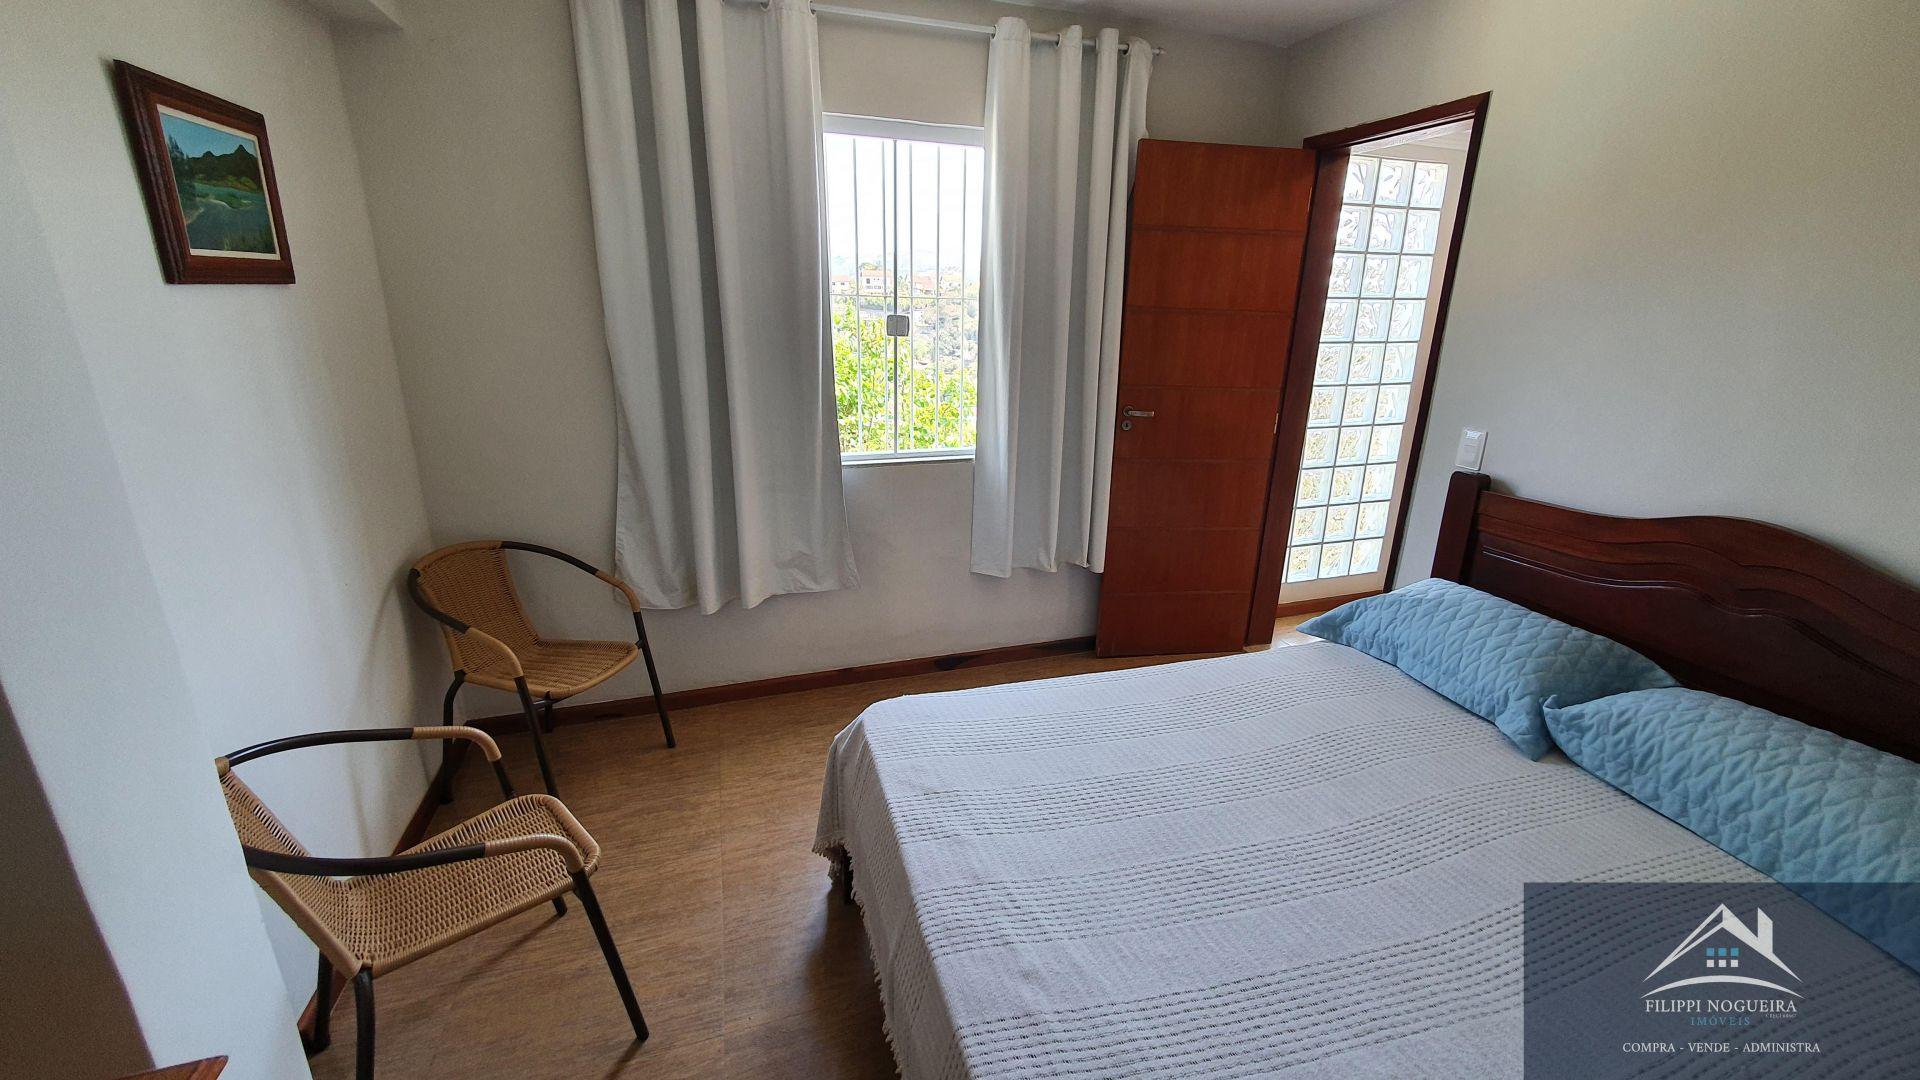 Casa 5 quartos à venda Alto da Boa Vista, Miguel Pereira - R$ 790.000 - csle790 - 36